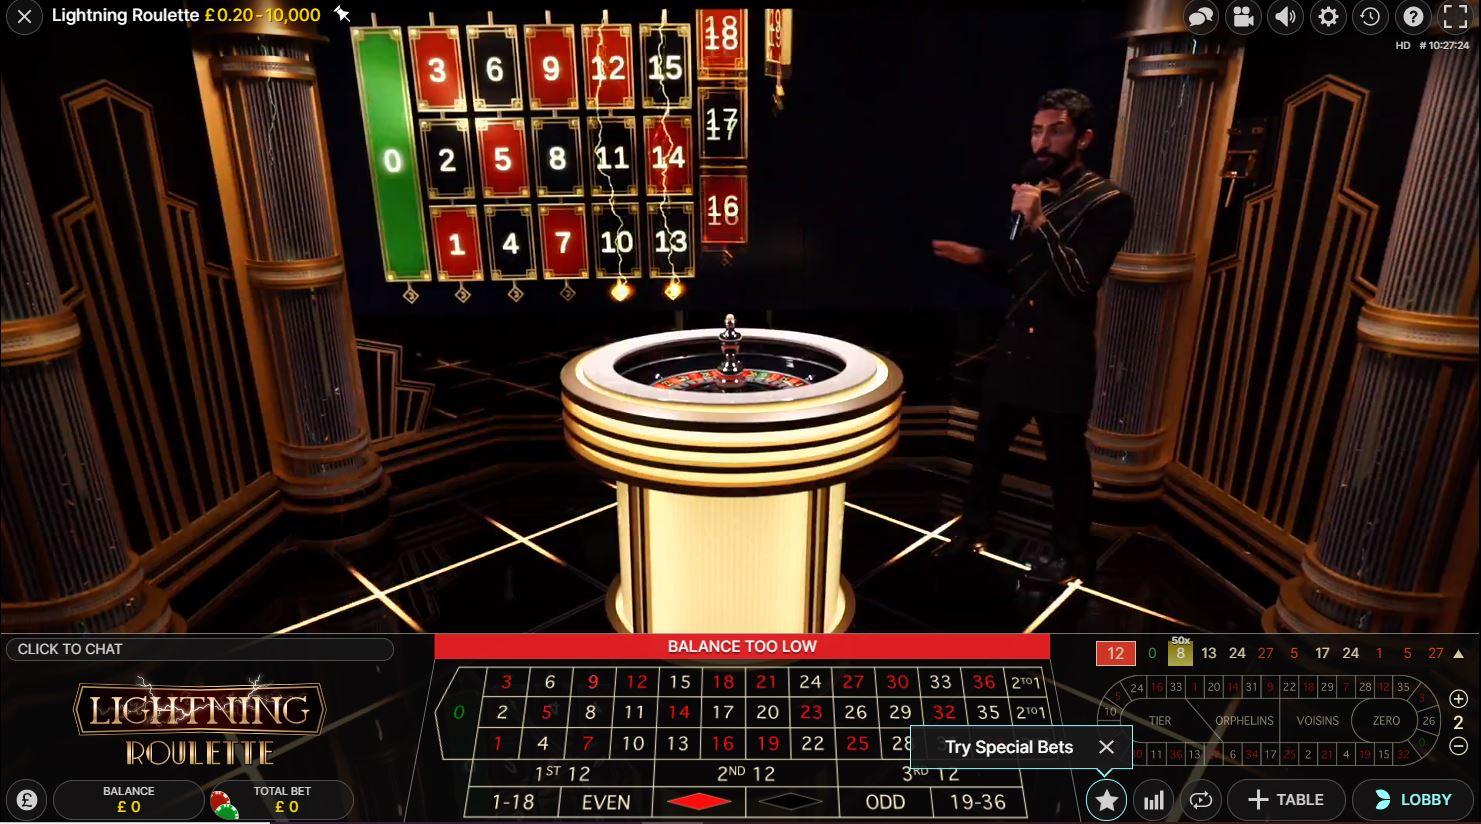 Lightning Roulette Gameplay